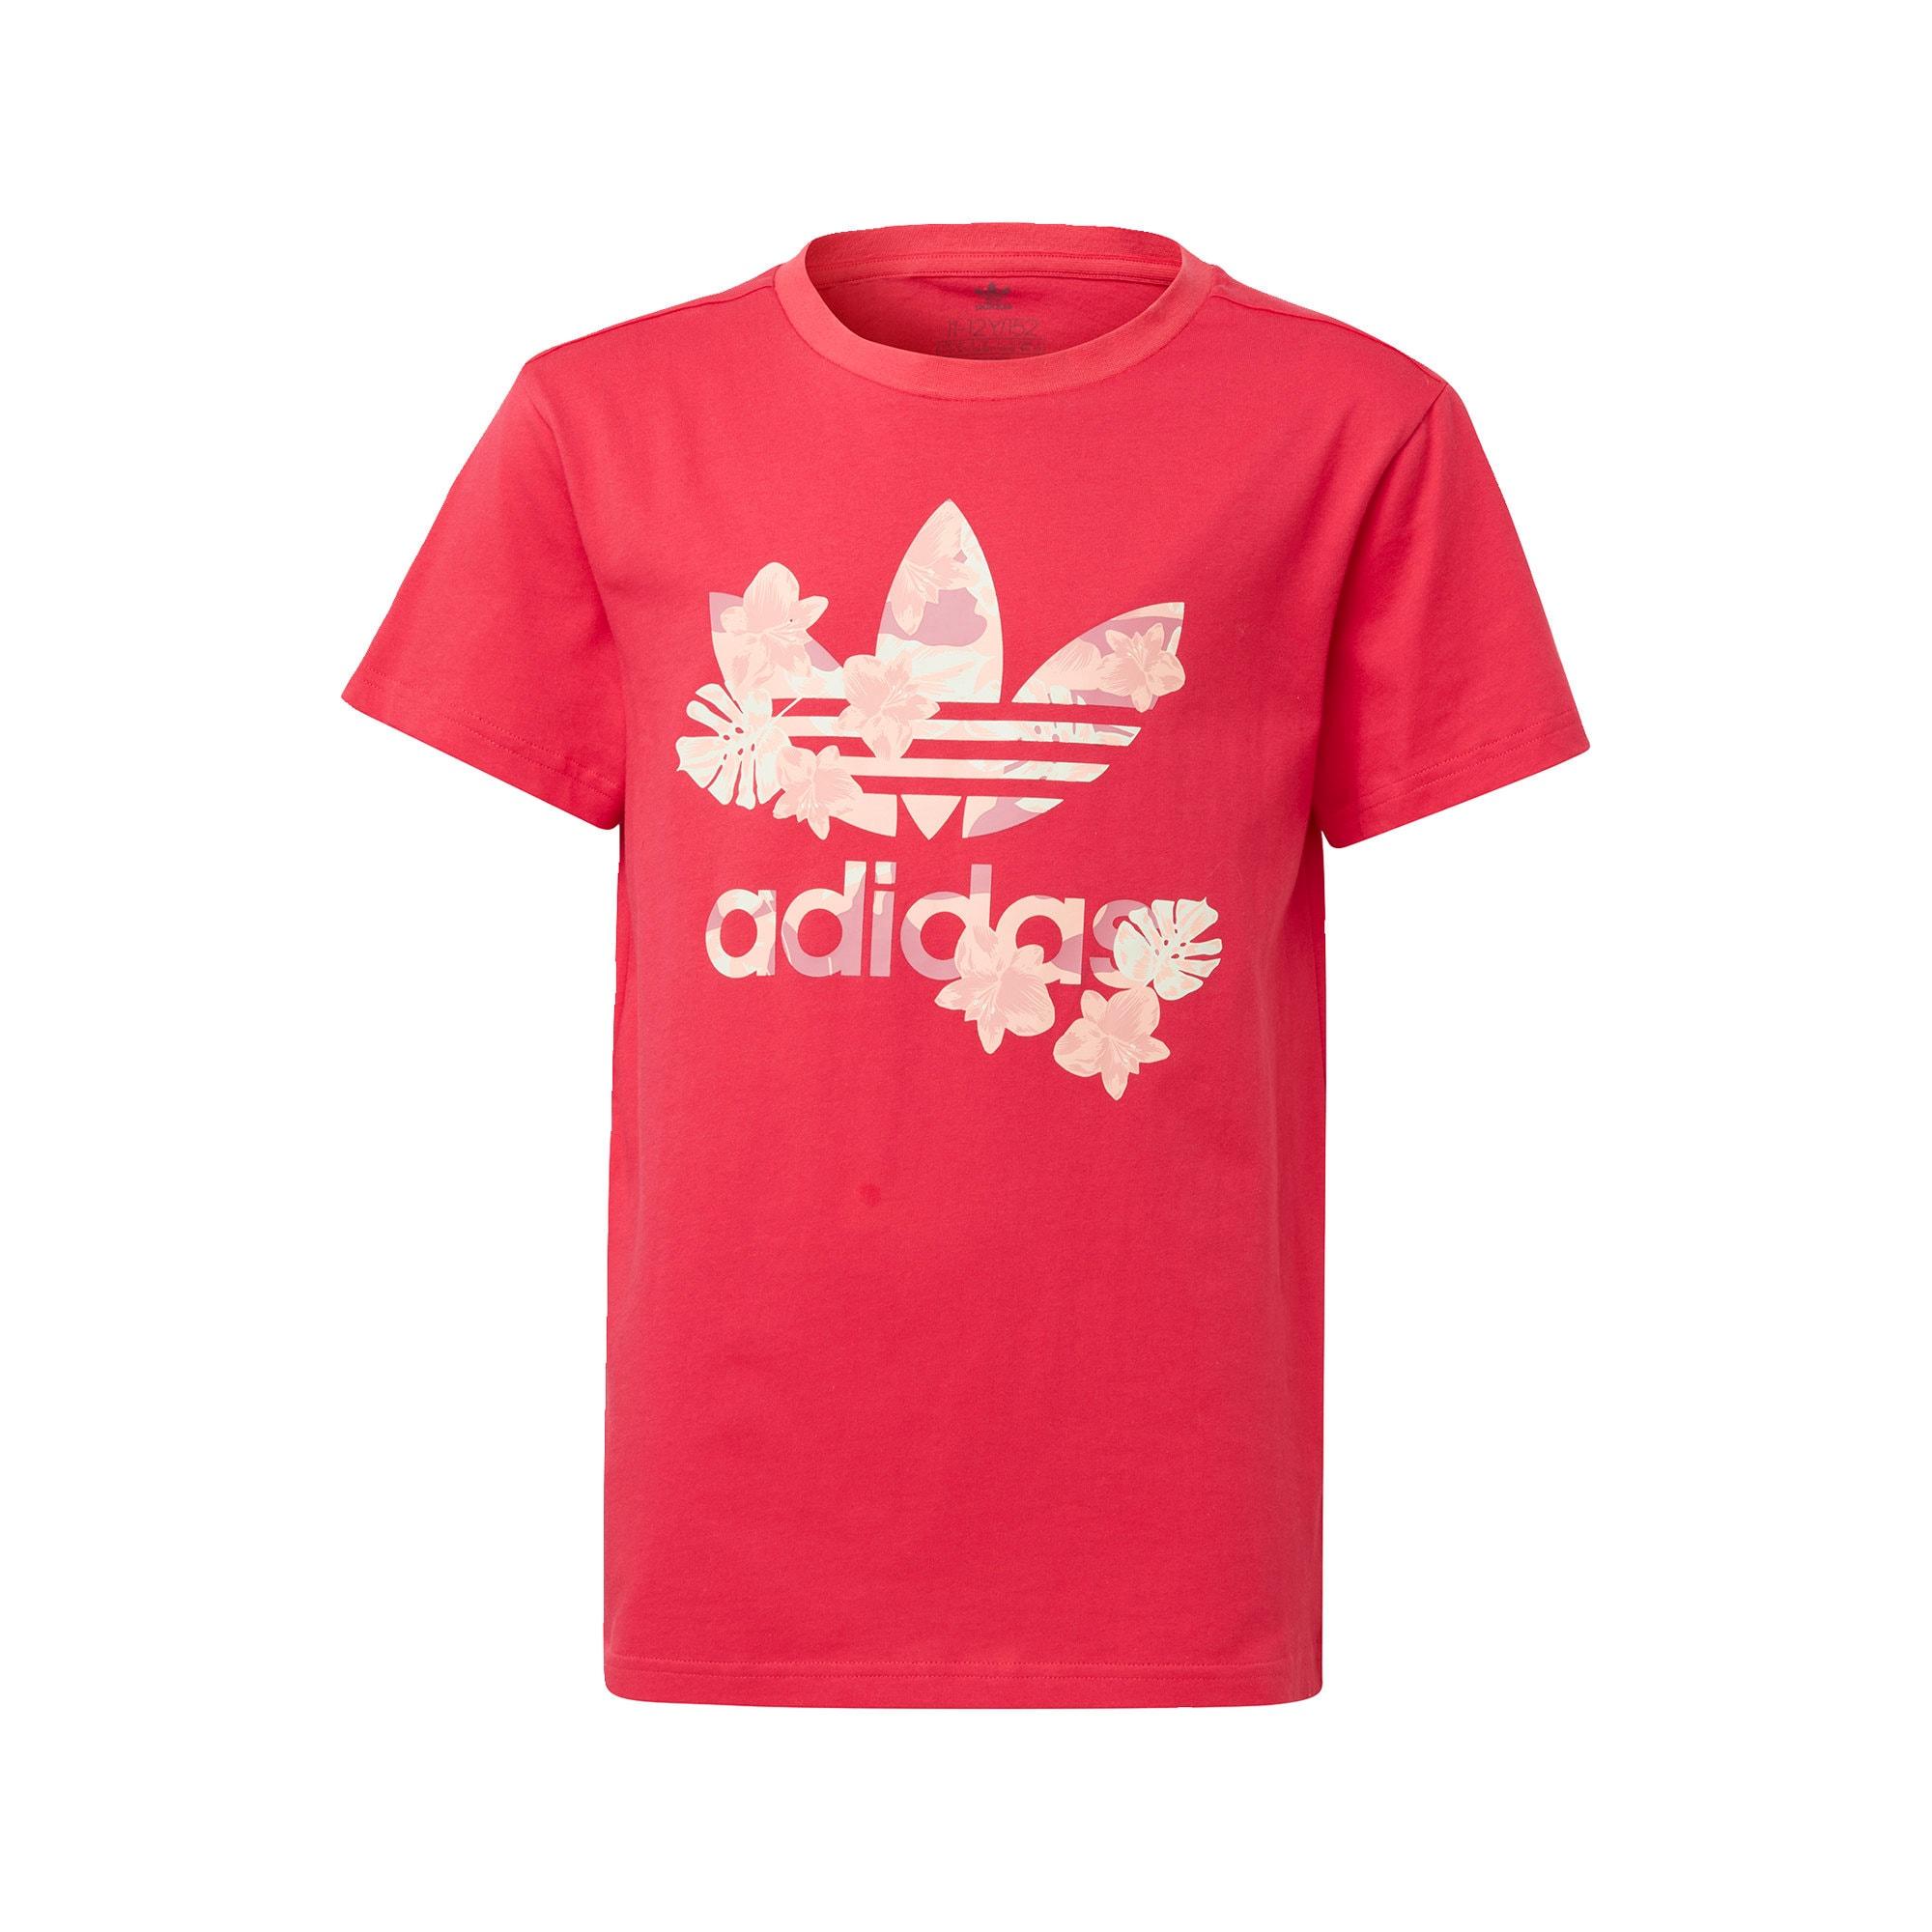 ADIDAS ORIGINALS Marškinėliai balta / pitajų spalva / pudros spalva / rožių spalva